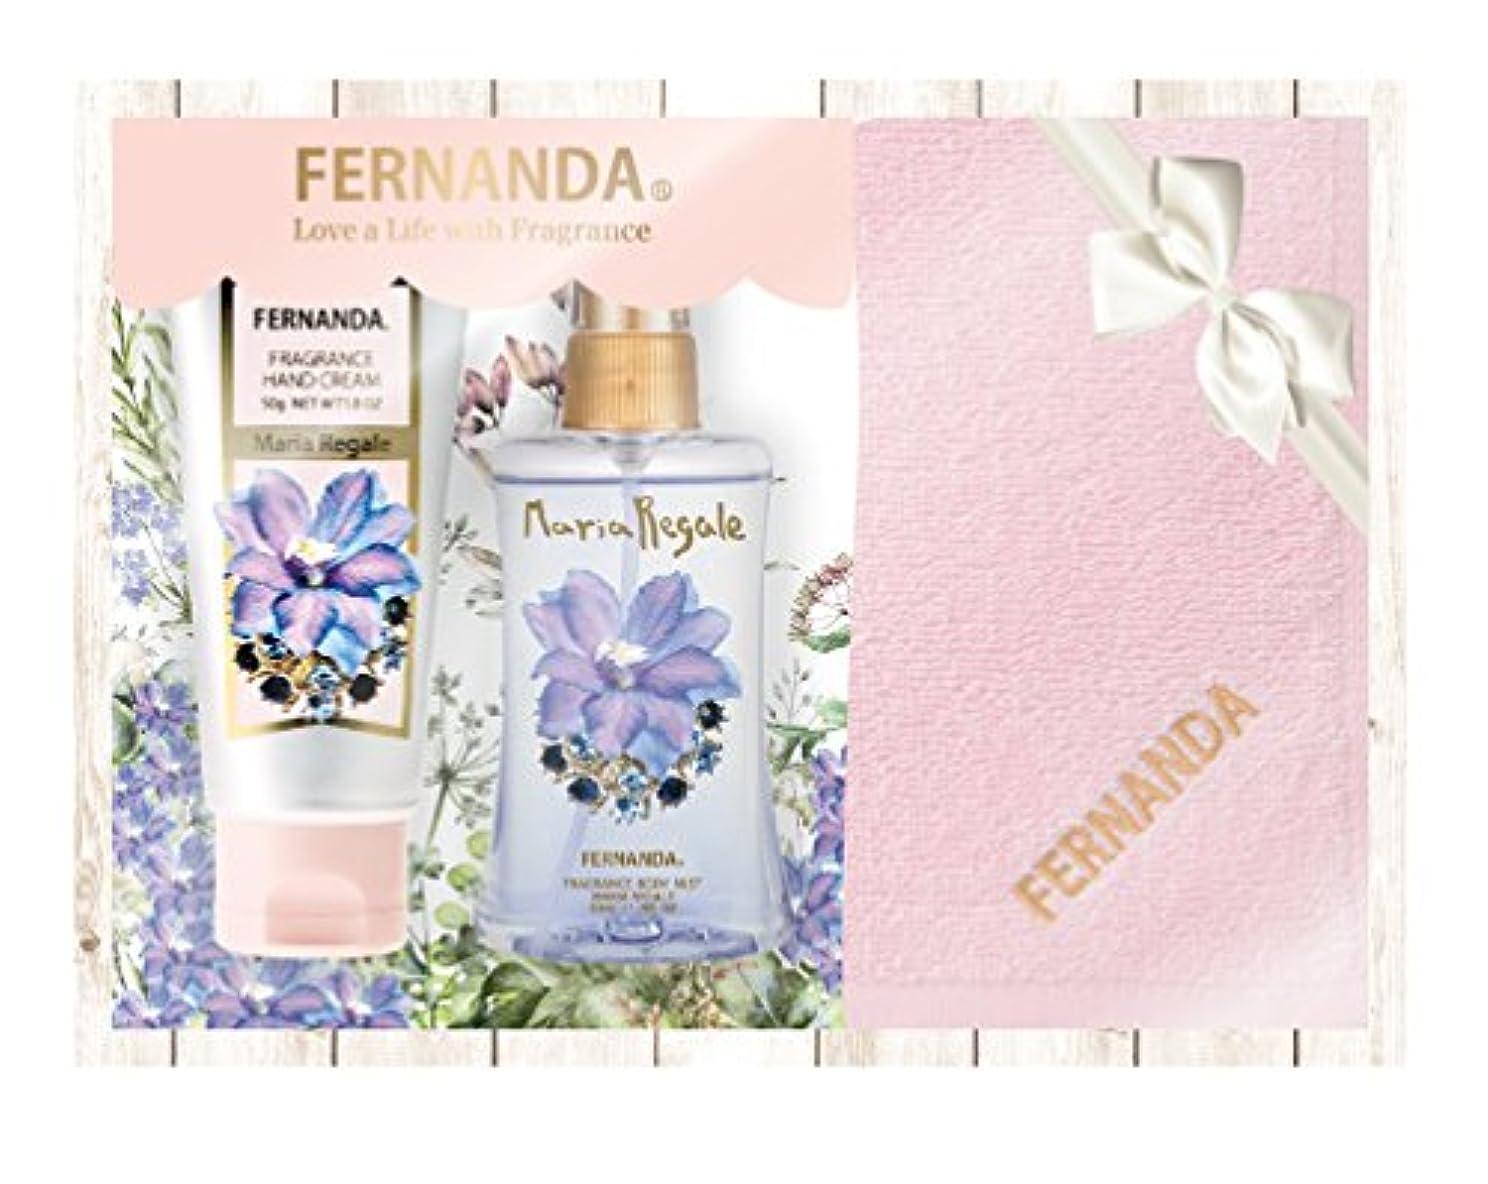 ポジティブサラミ殉教者FERNANDA(フェルナンダ)Mini Mist & Hand Cream Special Gift Maria Regale (ミニミスト&ハンドクリームスペシャルギフト マリアリゲル)